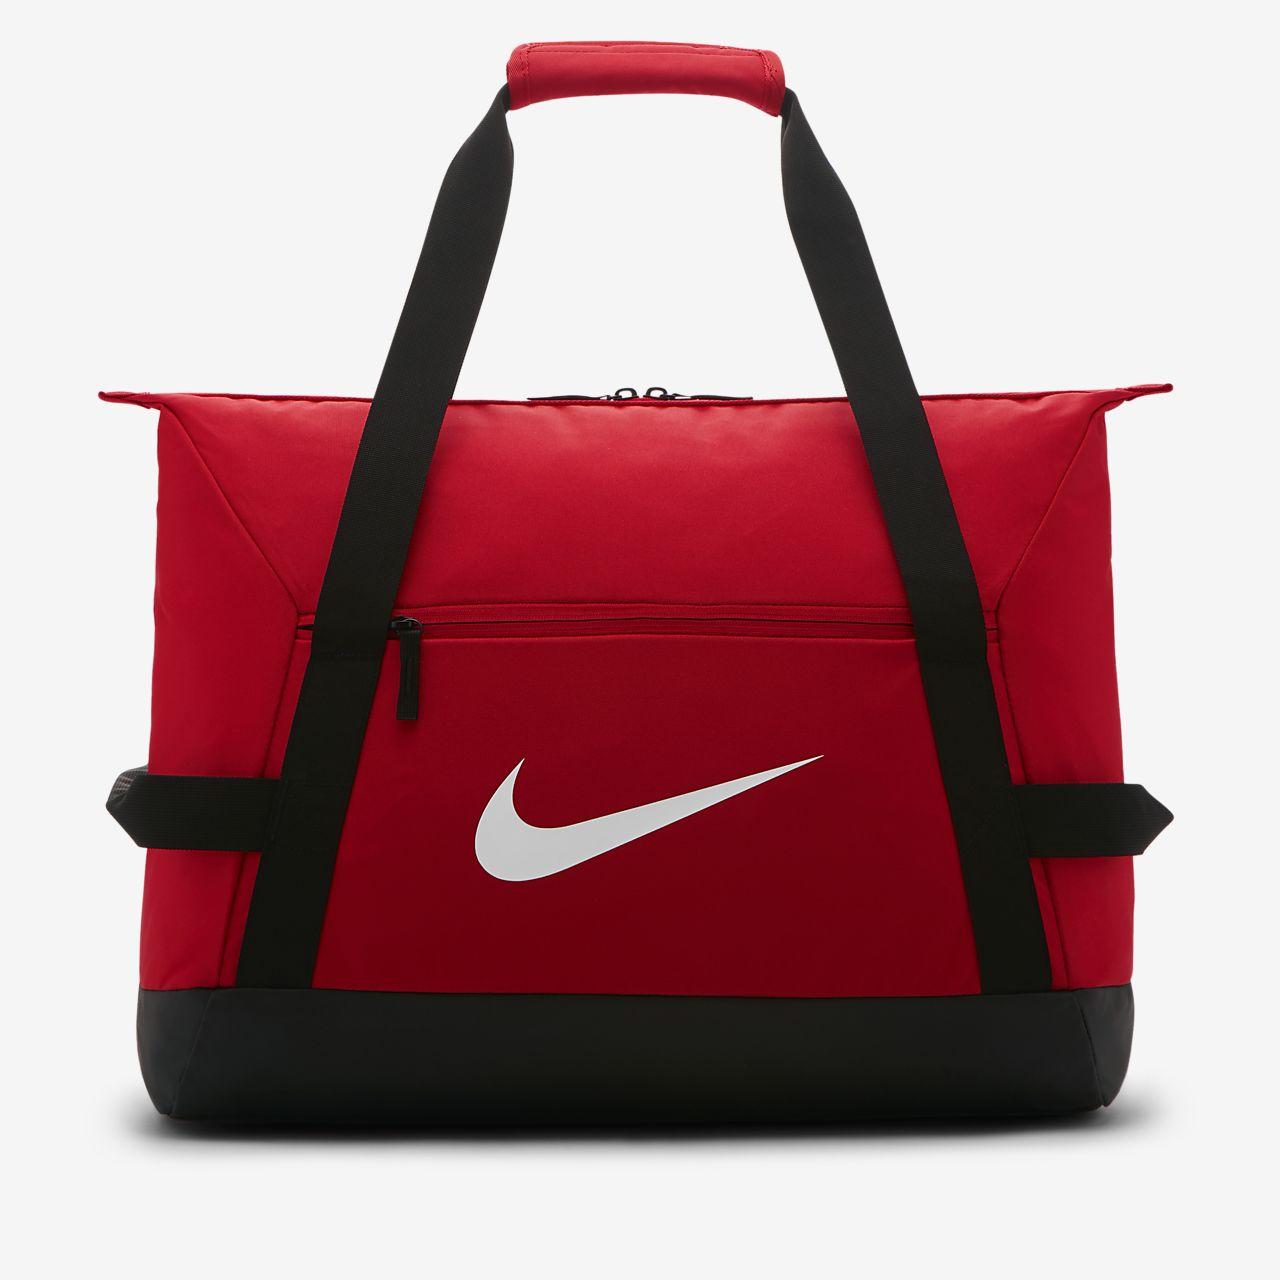 Pour Sac Le Sport Team Football De Academy Nike Moyenne taille EqraEwxA